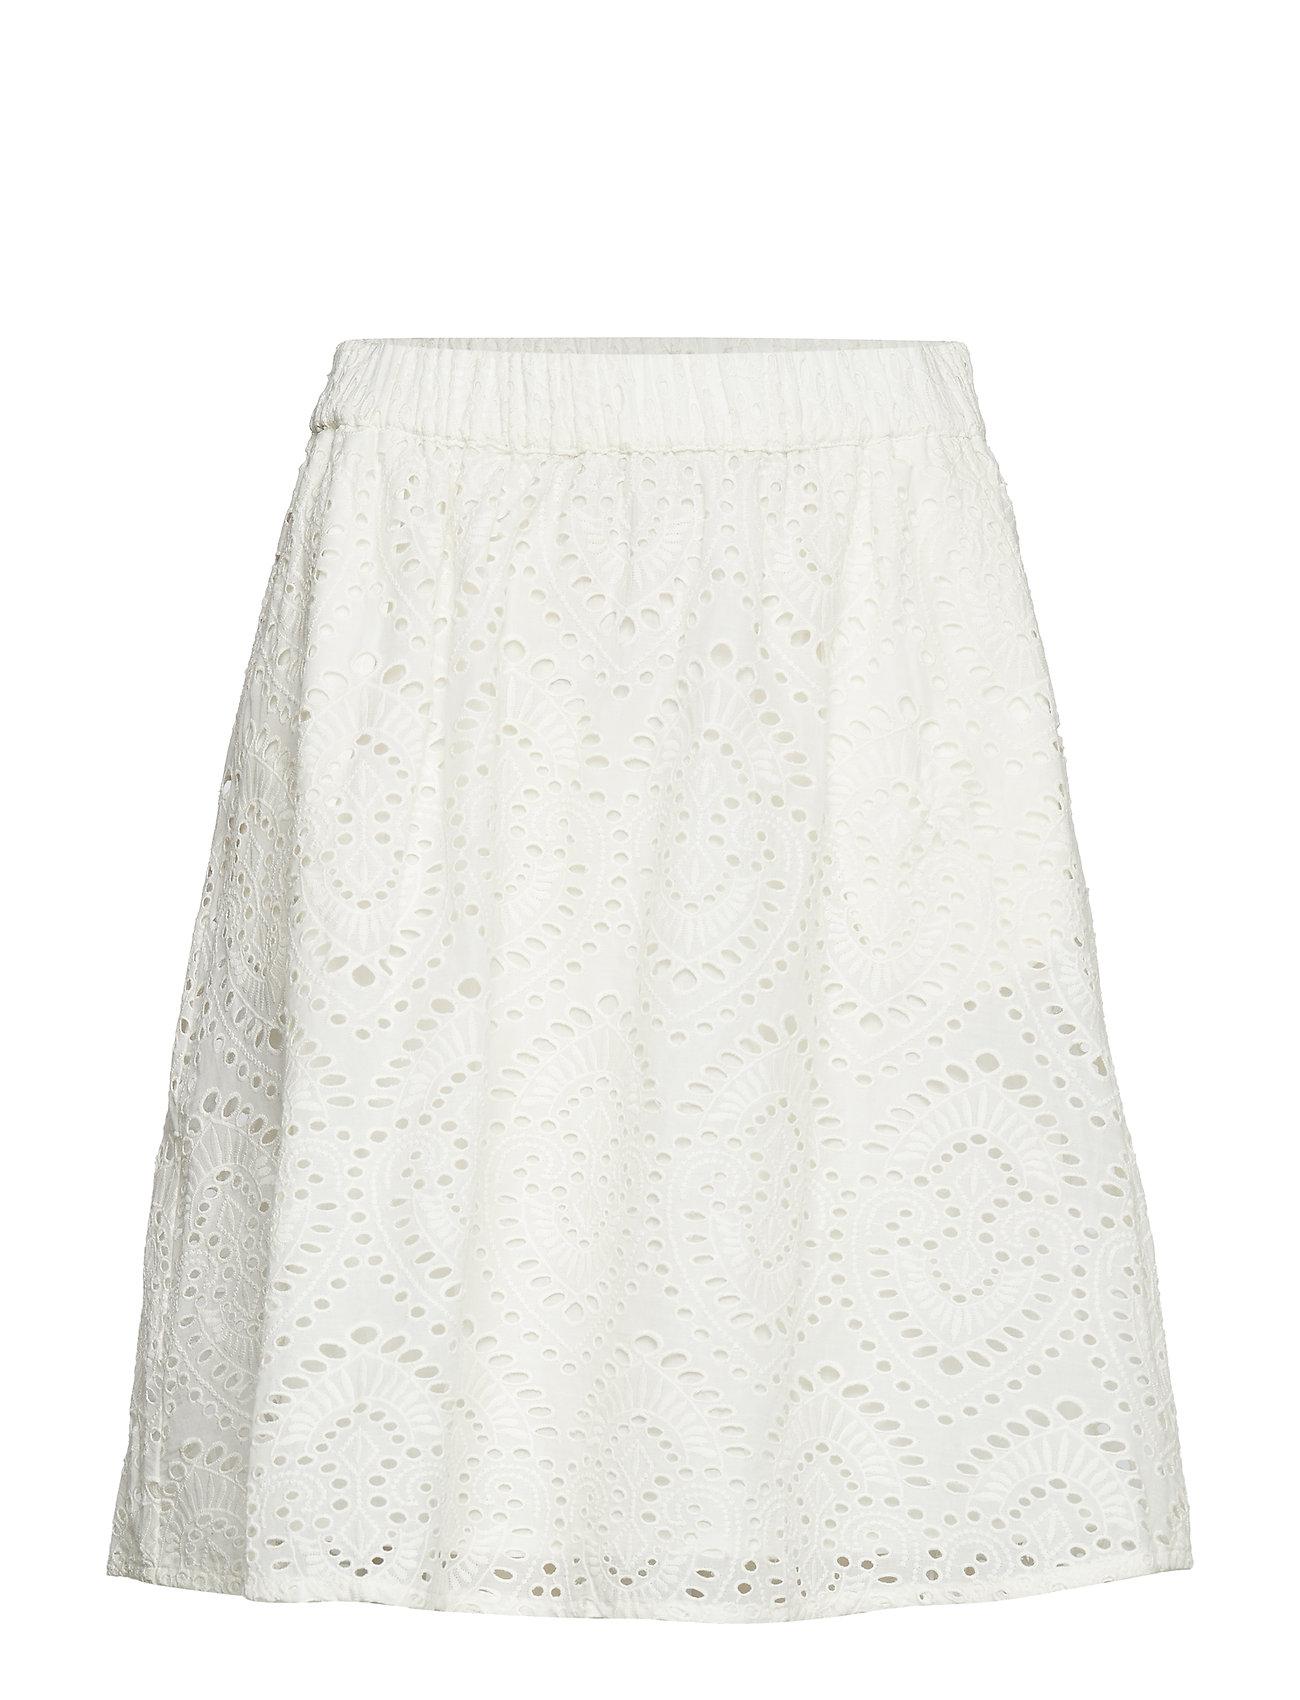 Casanagz Skirt Hs19 Knælang Nederdel Hvid GESTUZ